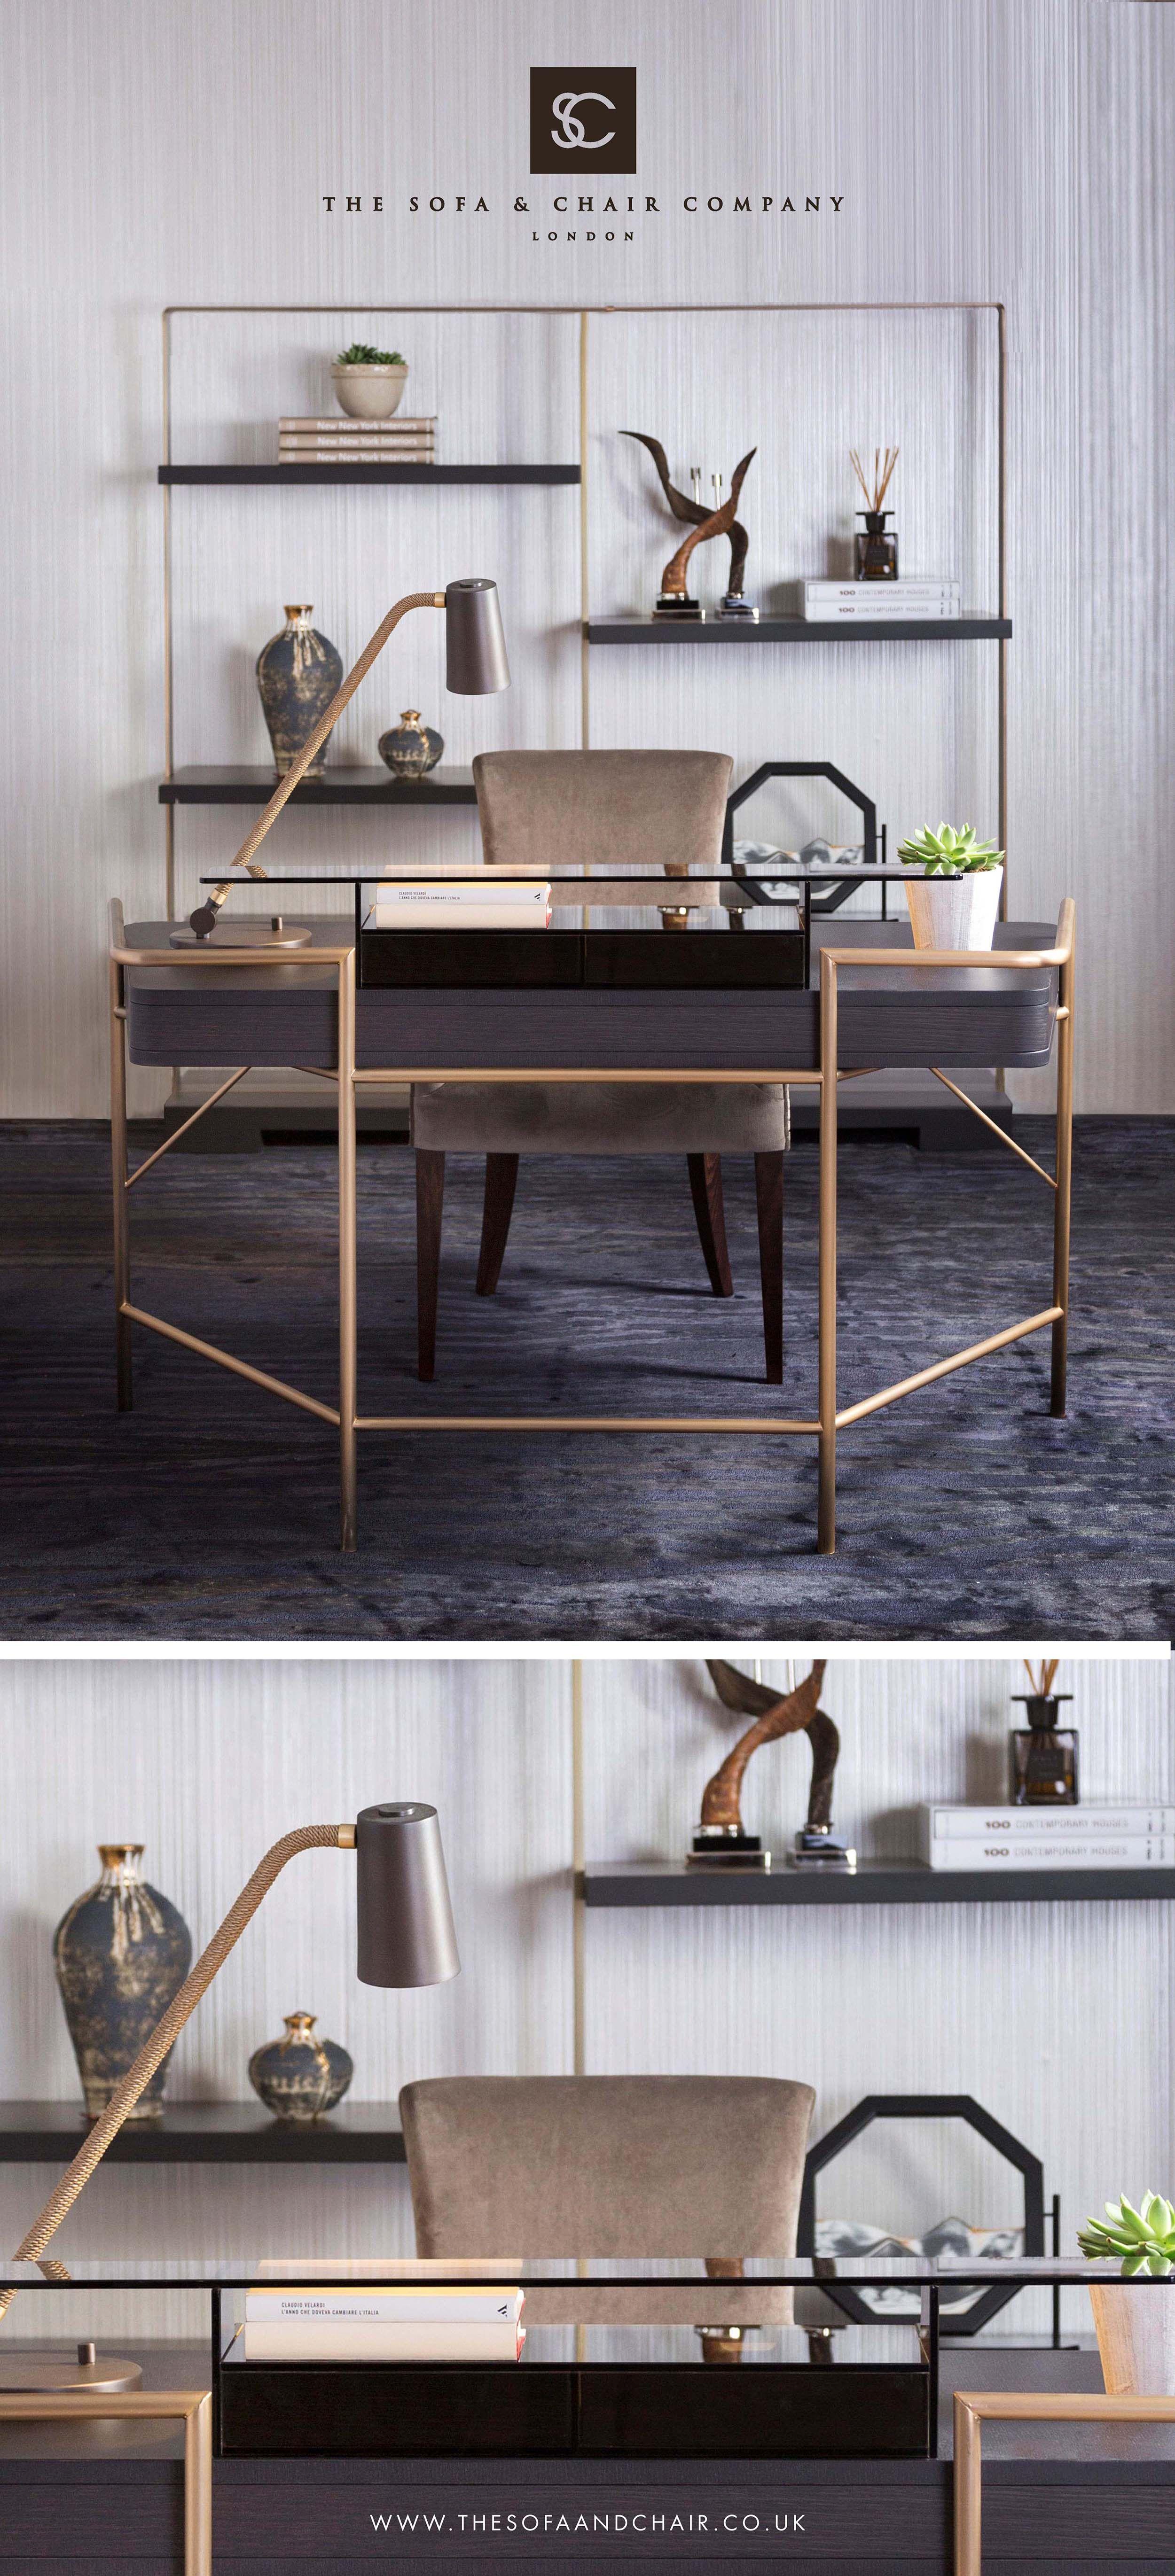 Luxury Furniture Designed Handmade In London The Sofa Chair Company Ic Tasarim Ofisler Mobilya Fikirleri Yeniden Degerlendirilmis Mobilya